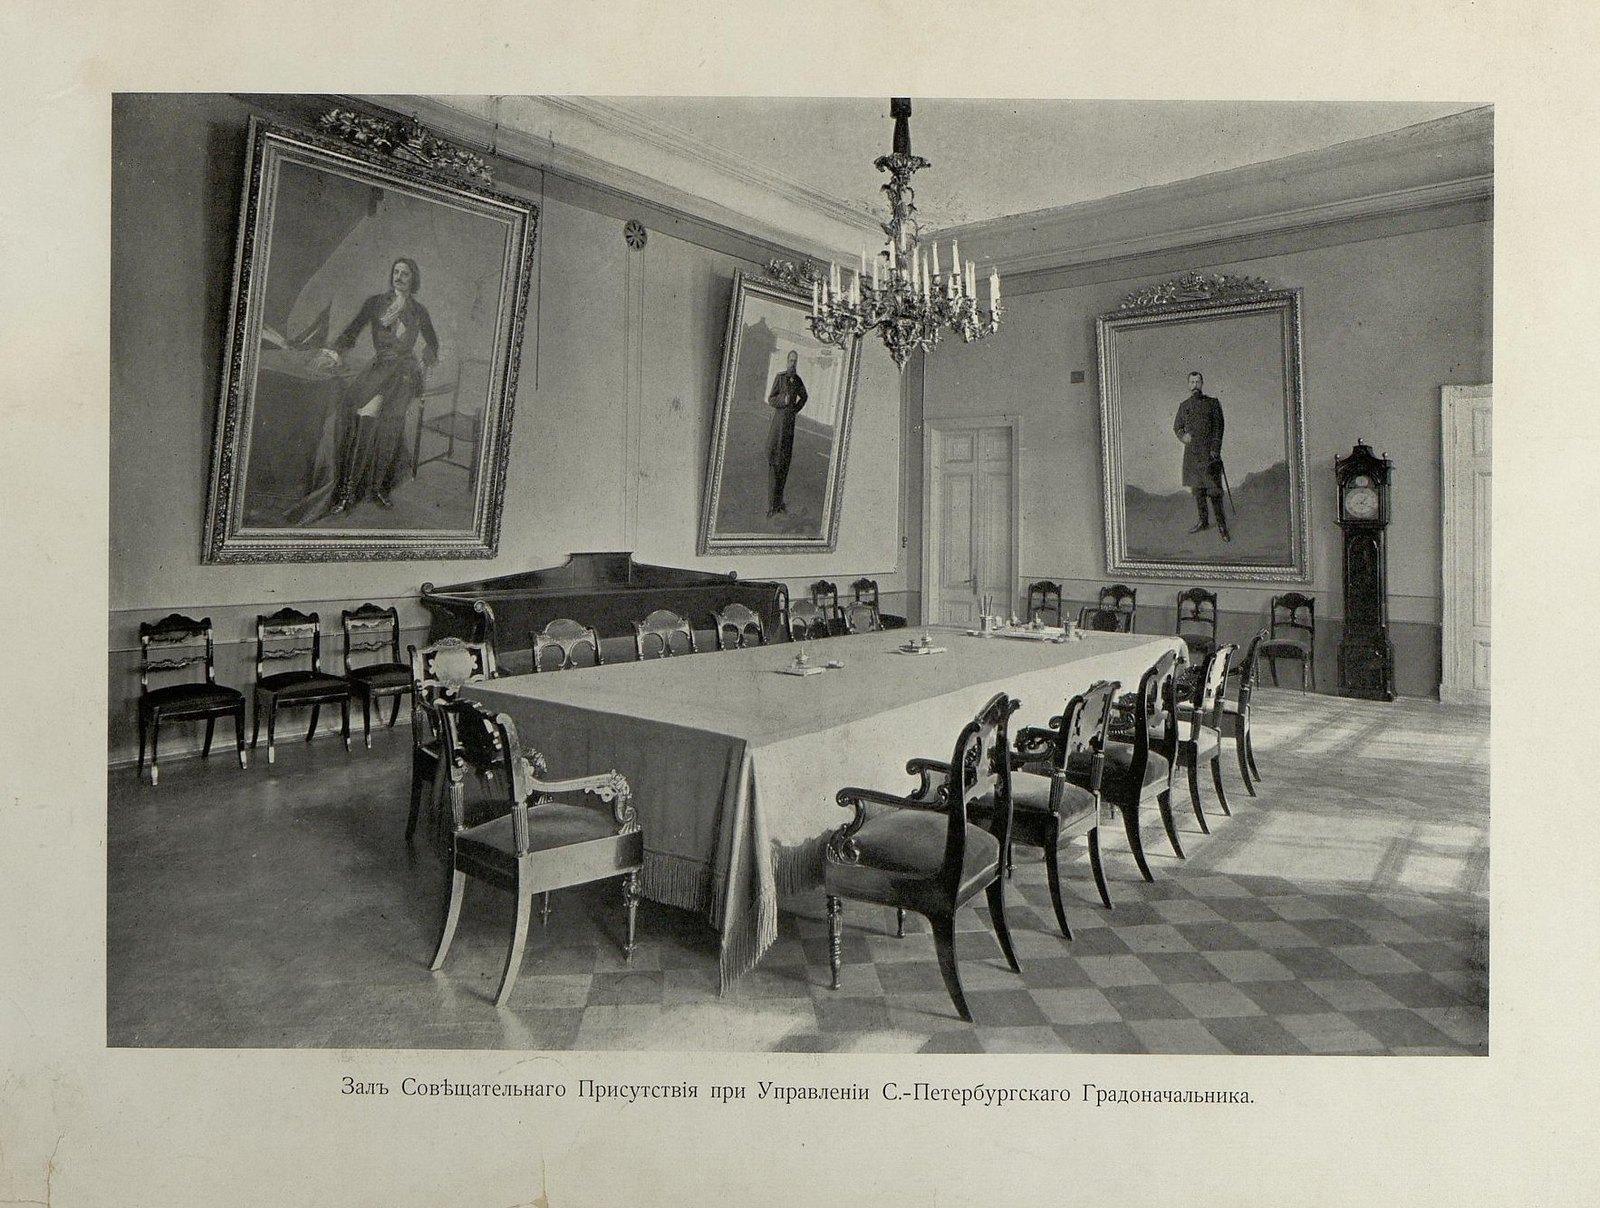 44. Зал совещательного присутствия при Управлении санкт-петербургского градоначальника